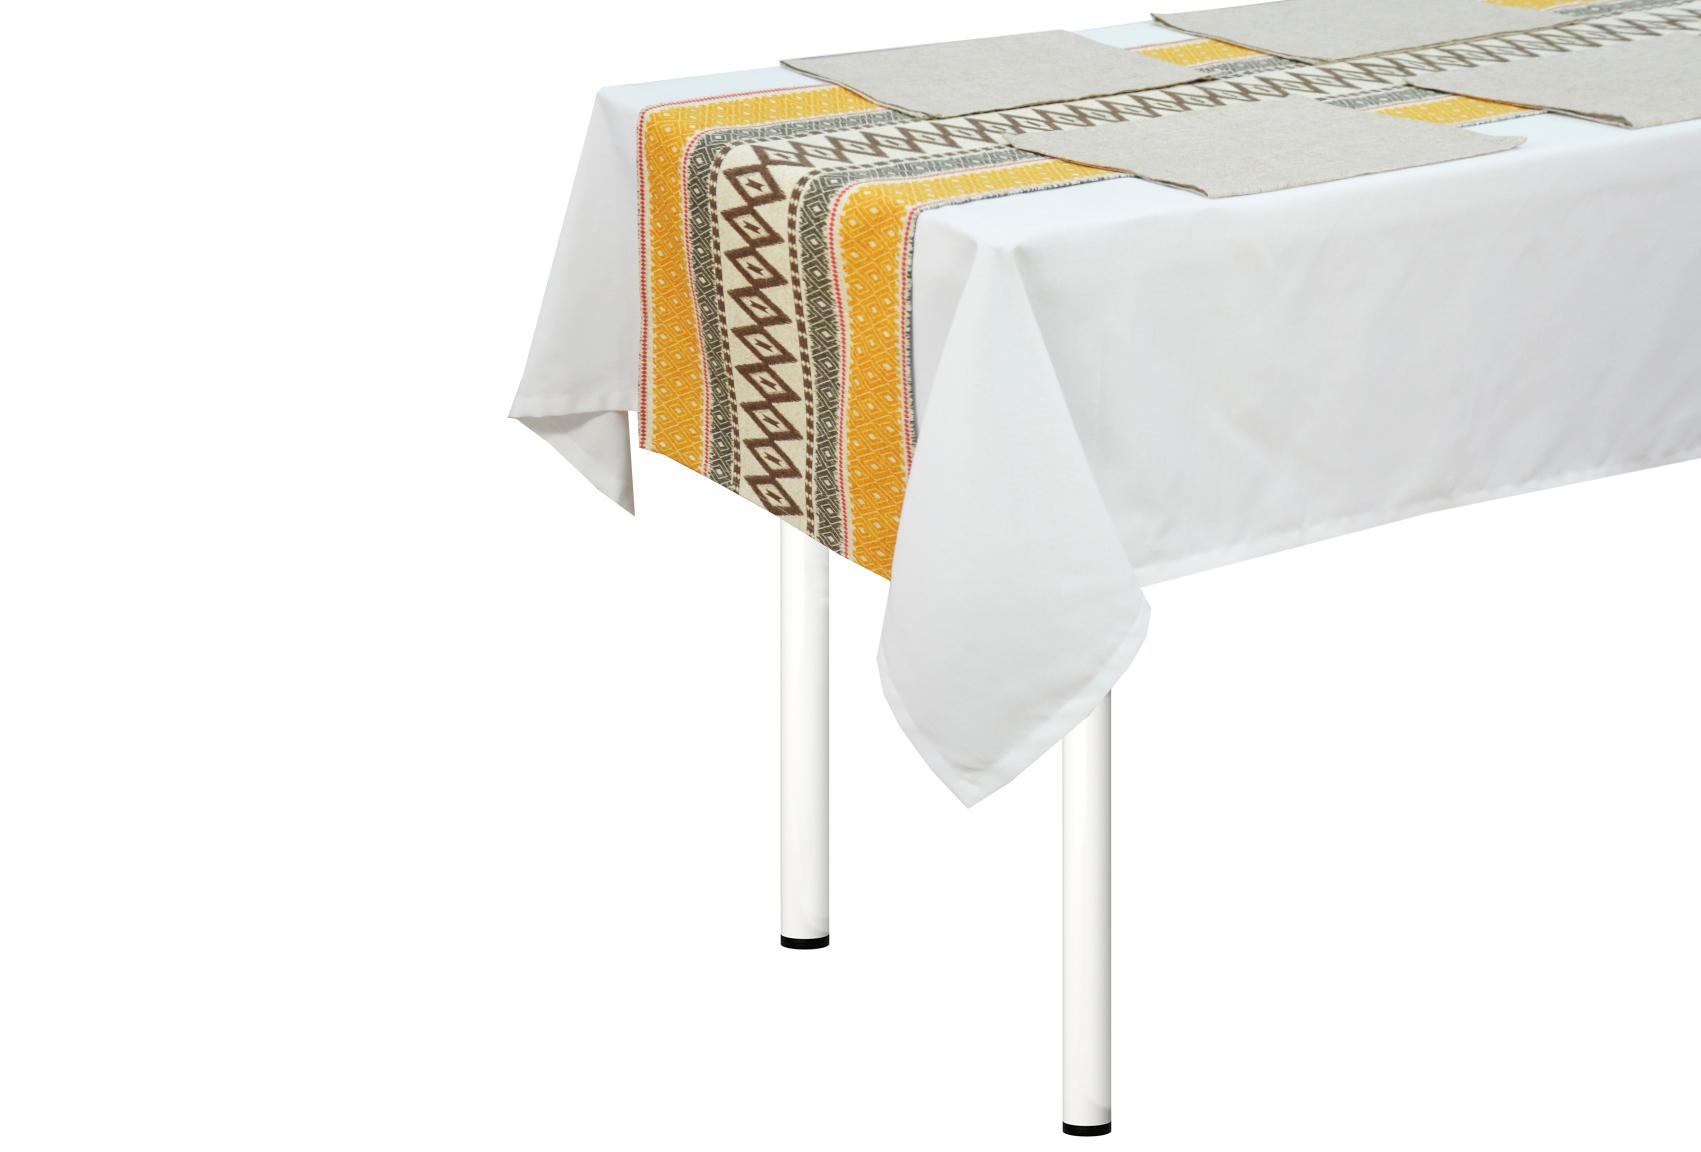 Комплект Girona дорожка на стол, салфетки (4 шт)Скатерти<br>Комплект столовый узкая скатерть и 4 салфетки 43х43 см. украсят васш стол и сделают обычный завтрак необычным.<br><br>Material: Хлопок<br>Length см: None<br>Width см: 170<br>Height см: 40